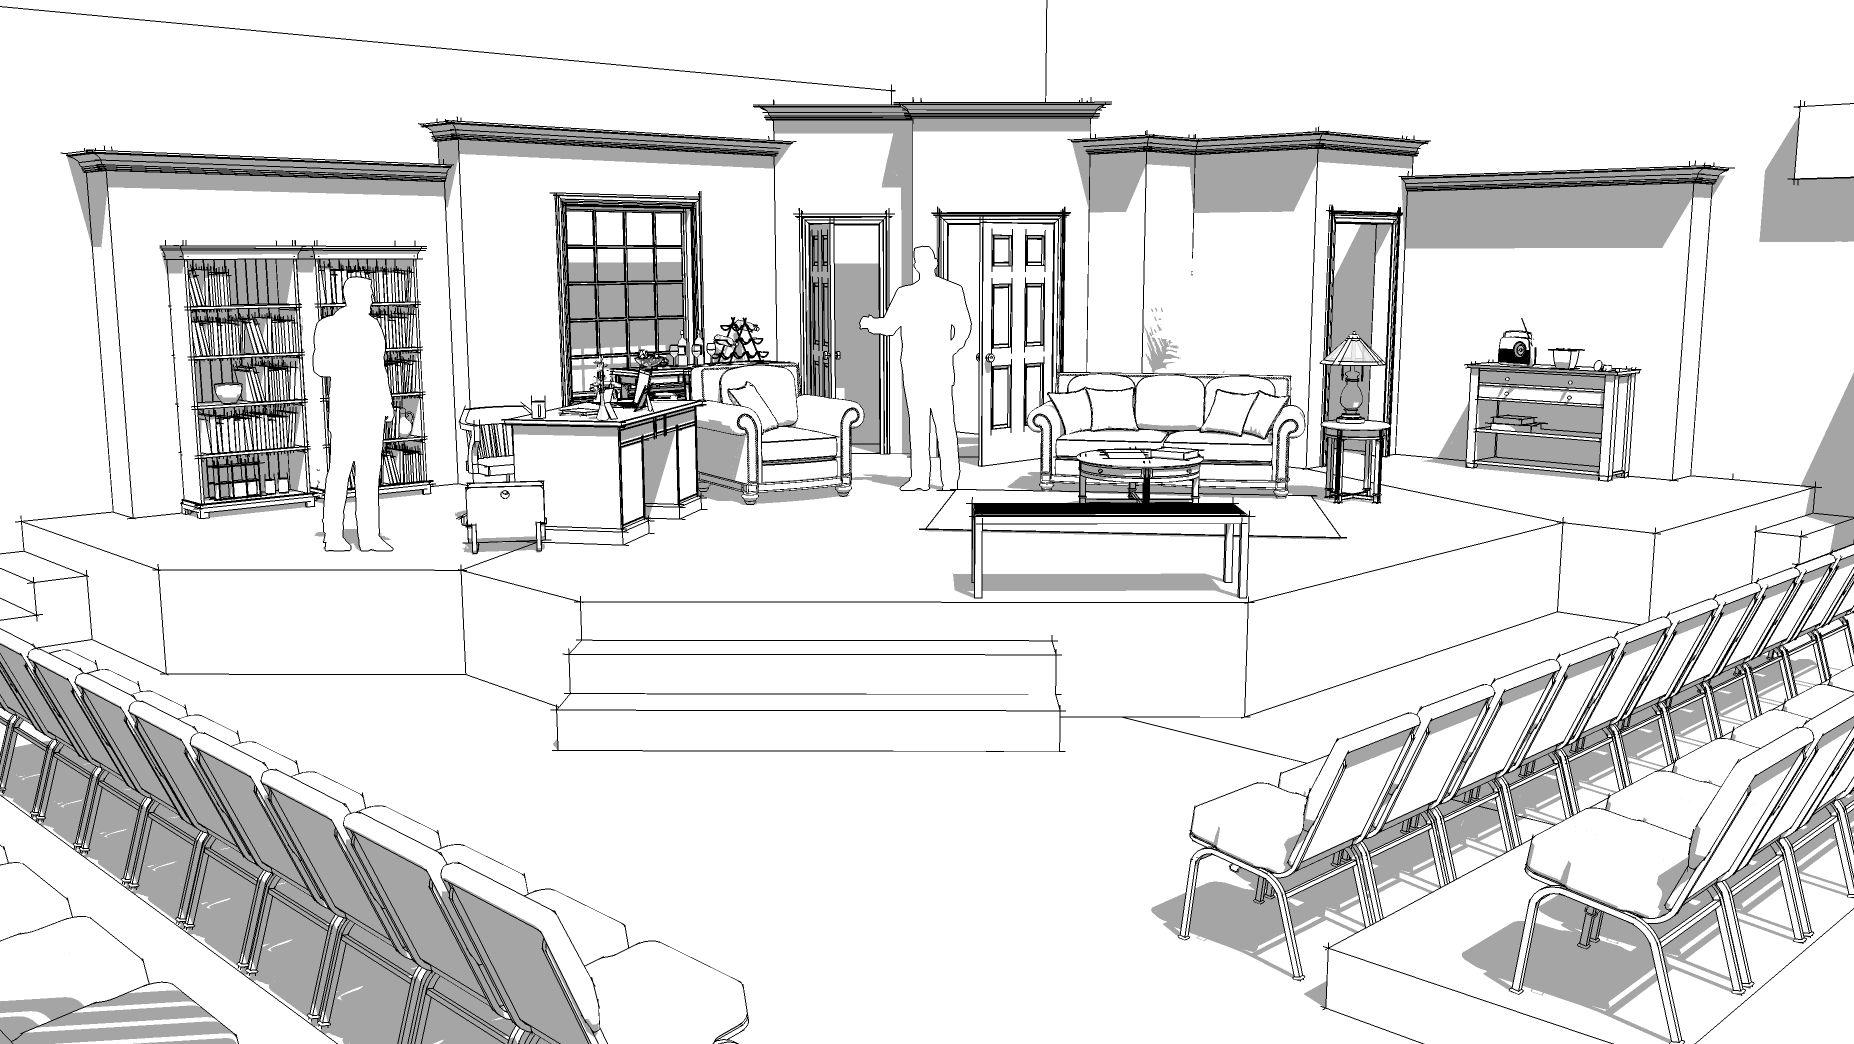 Ordinary People Design Sketch Design Sketch Model Drawing Design